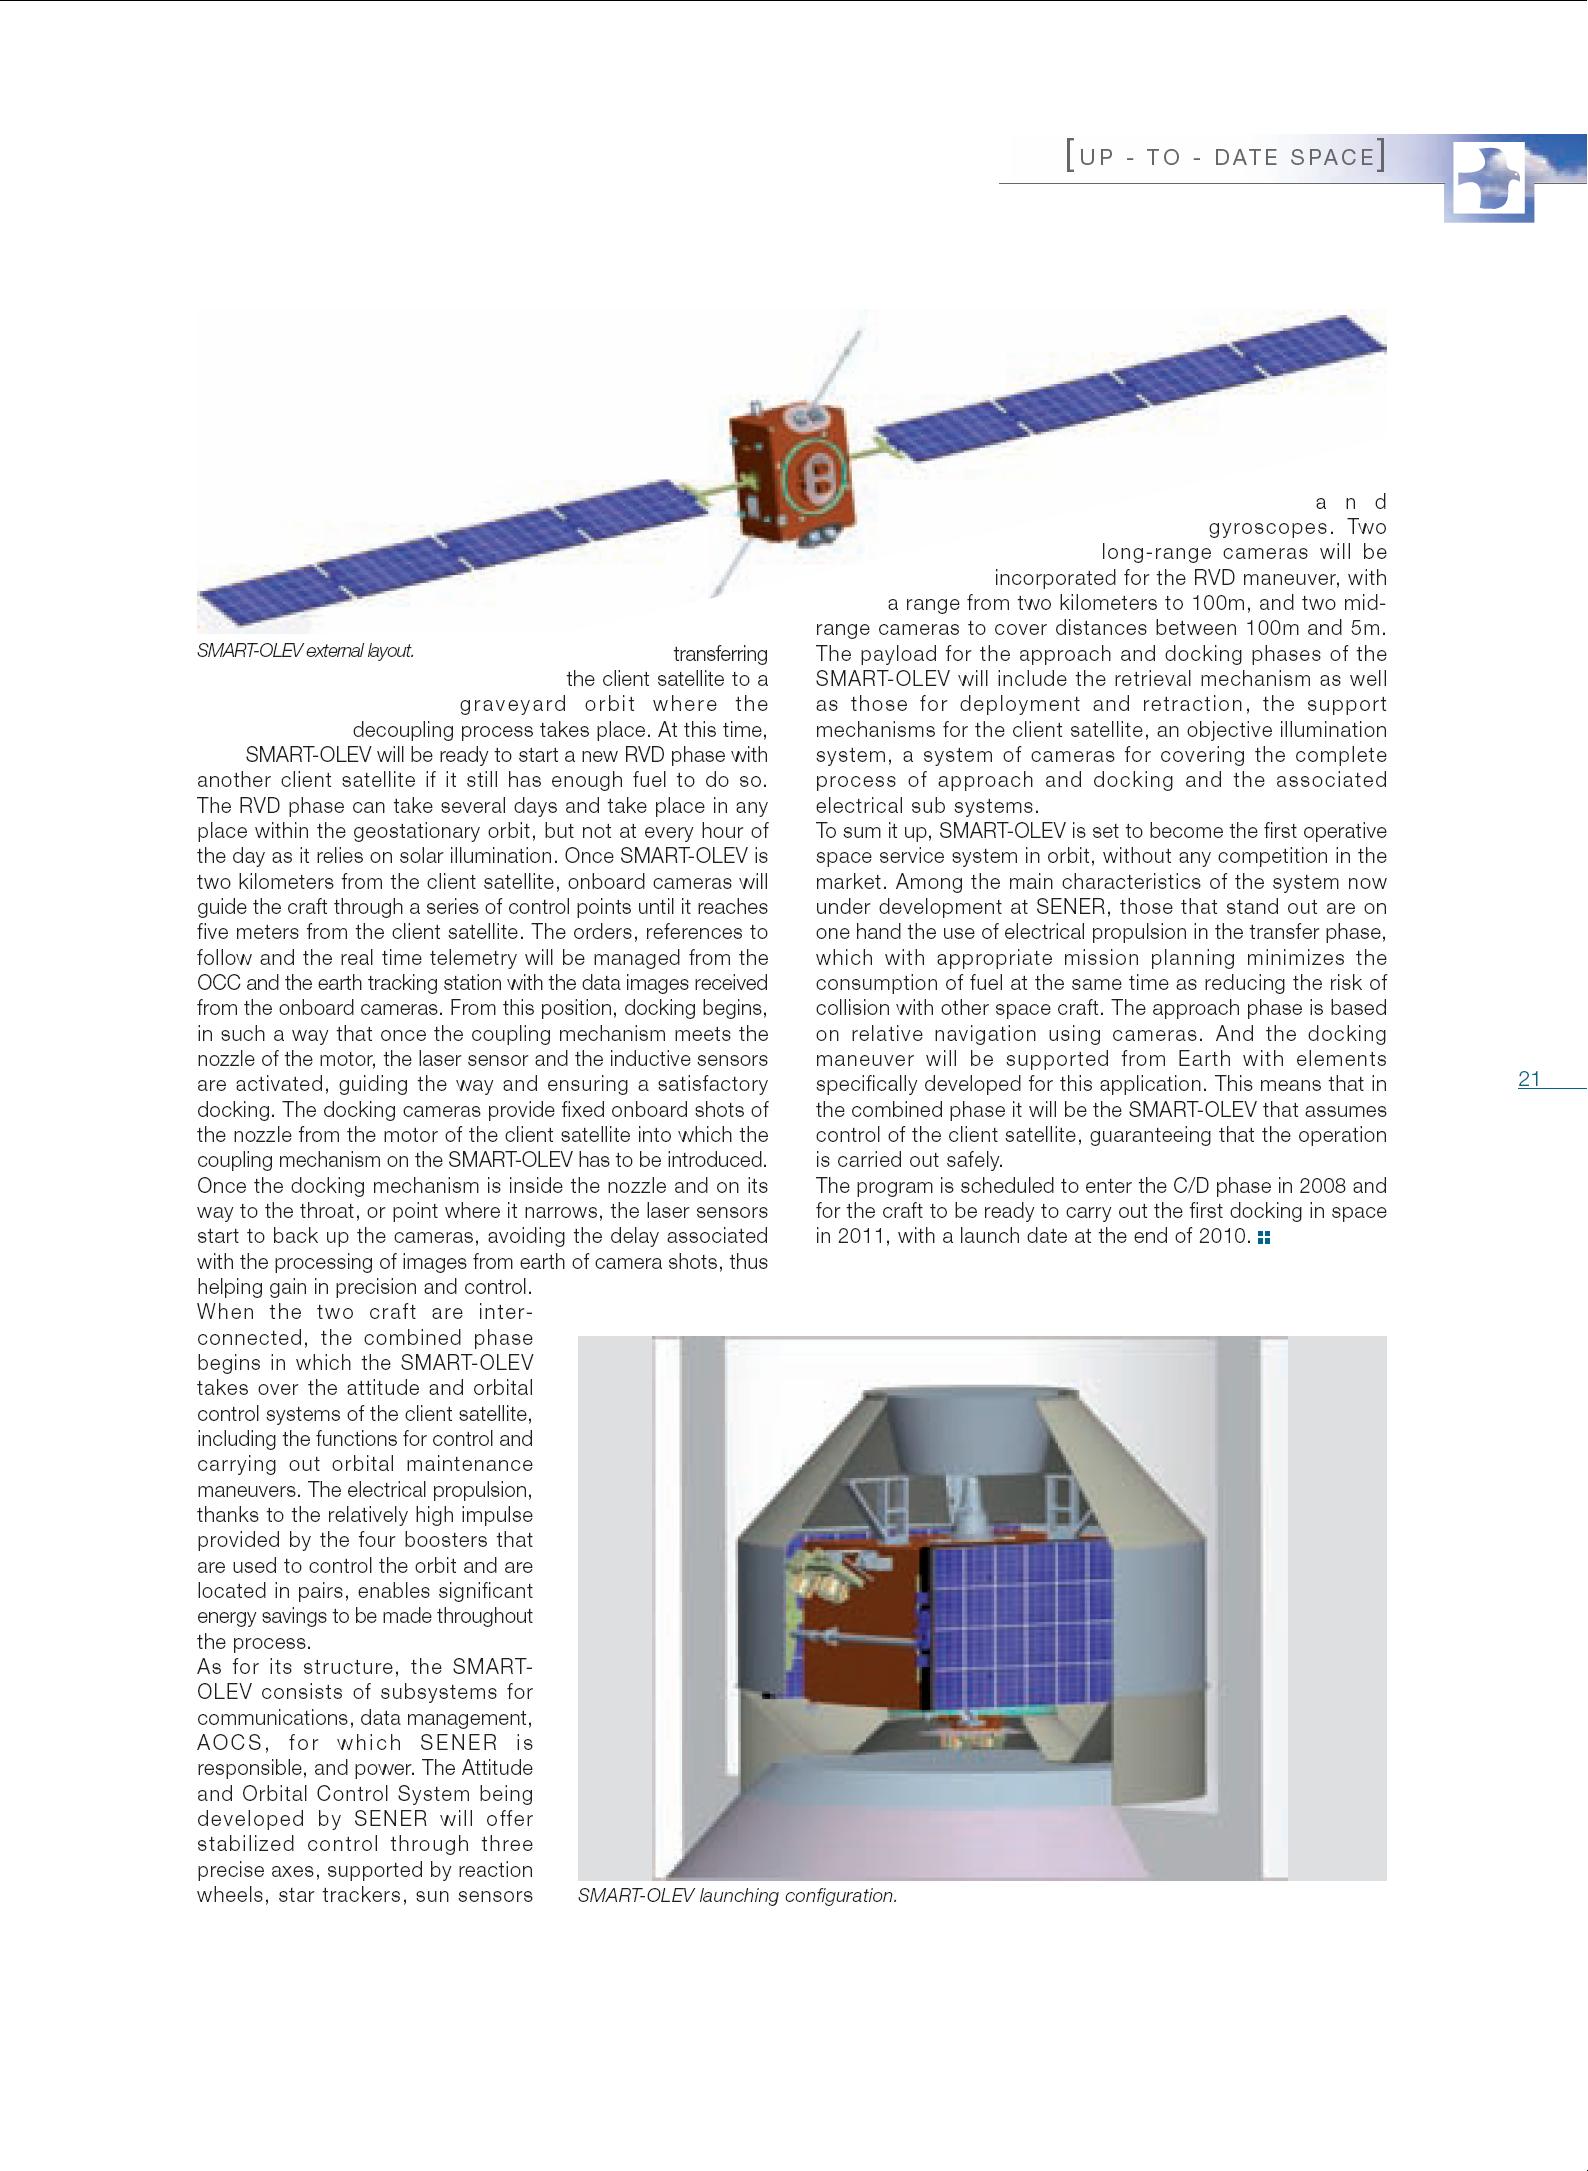 Iridium satellit forsenad